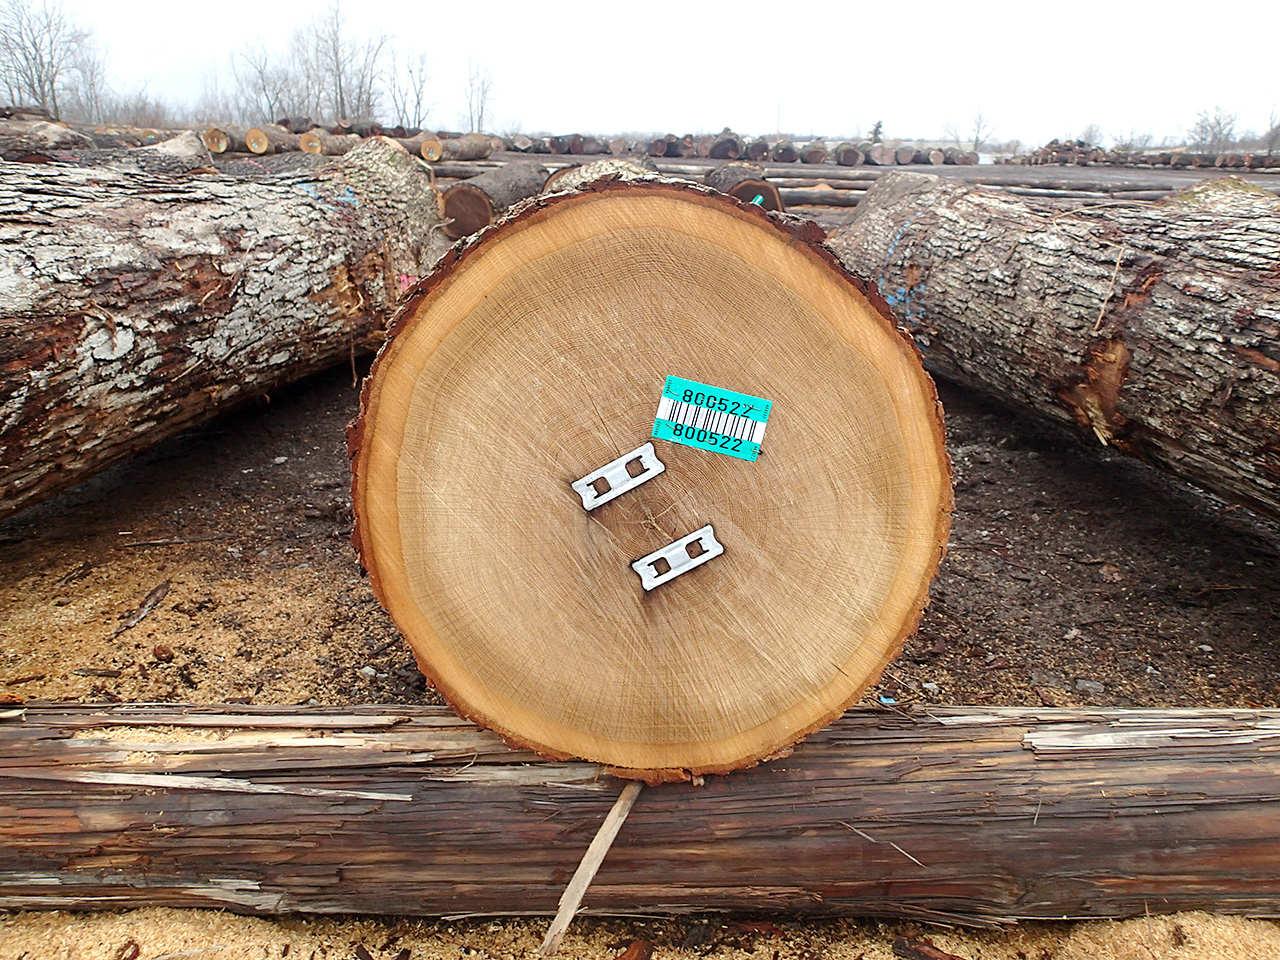 ブラックウオールナット原木:オハイオ州